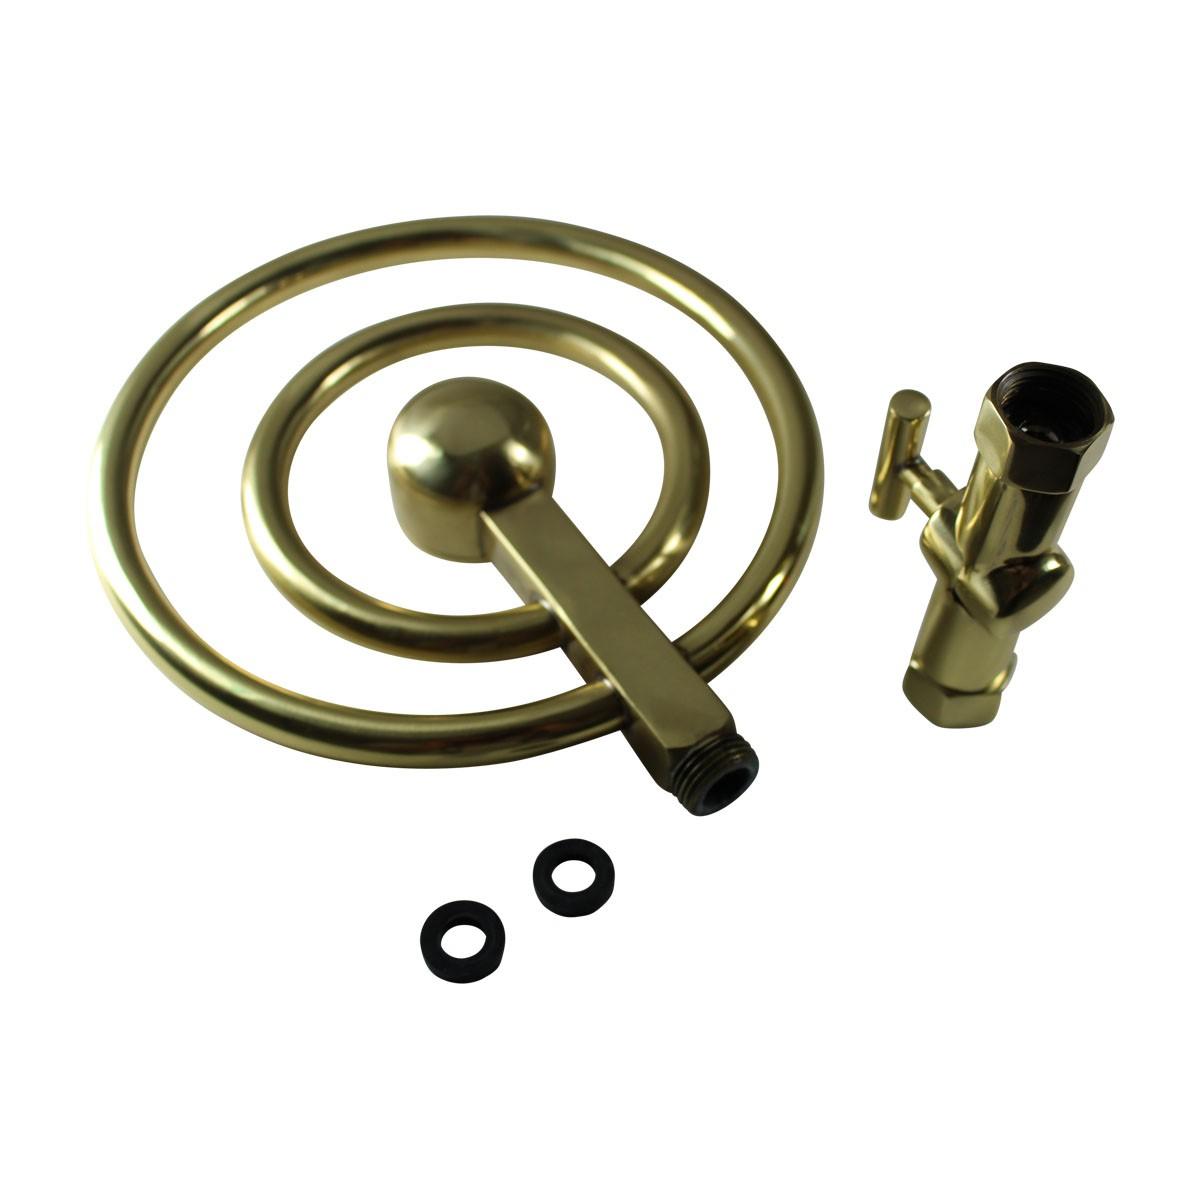 Shower Head Gold PVD Solid Brass 60 Fine Mist Jets Shower Head Shower Heads Bath Shower Head